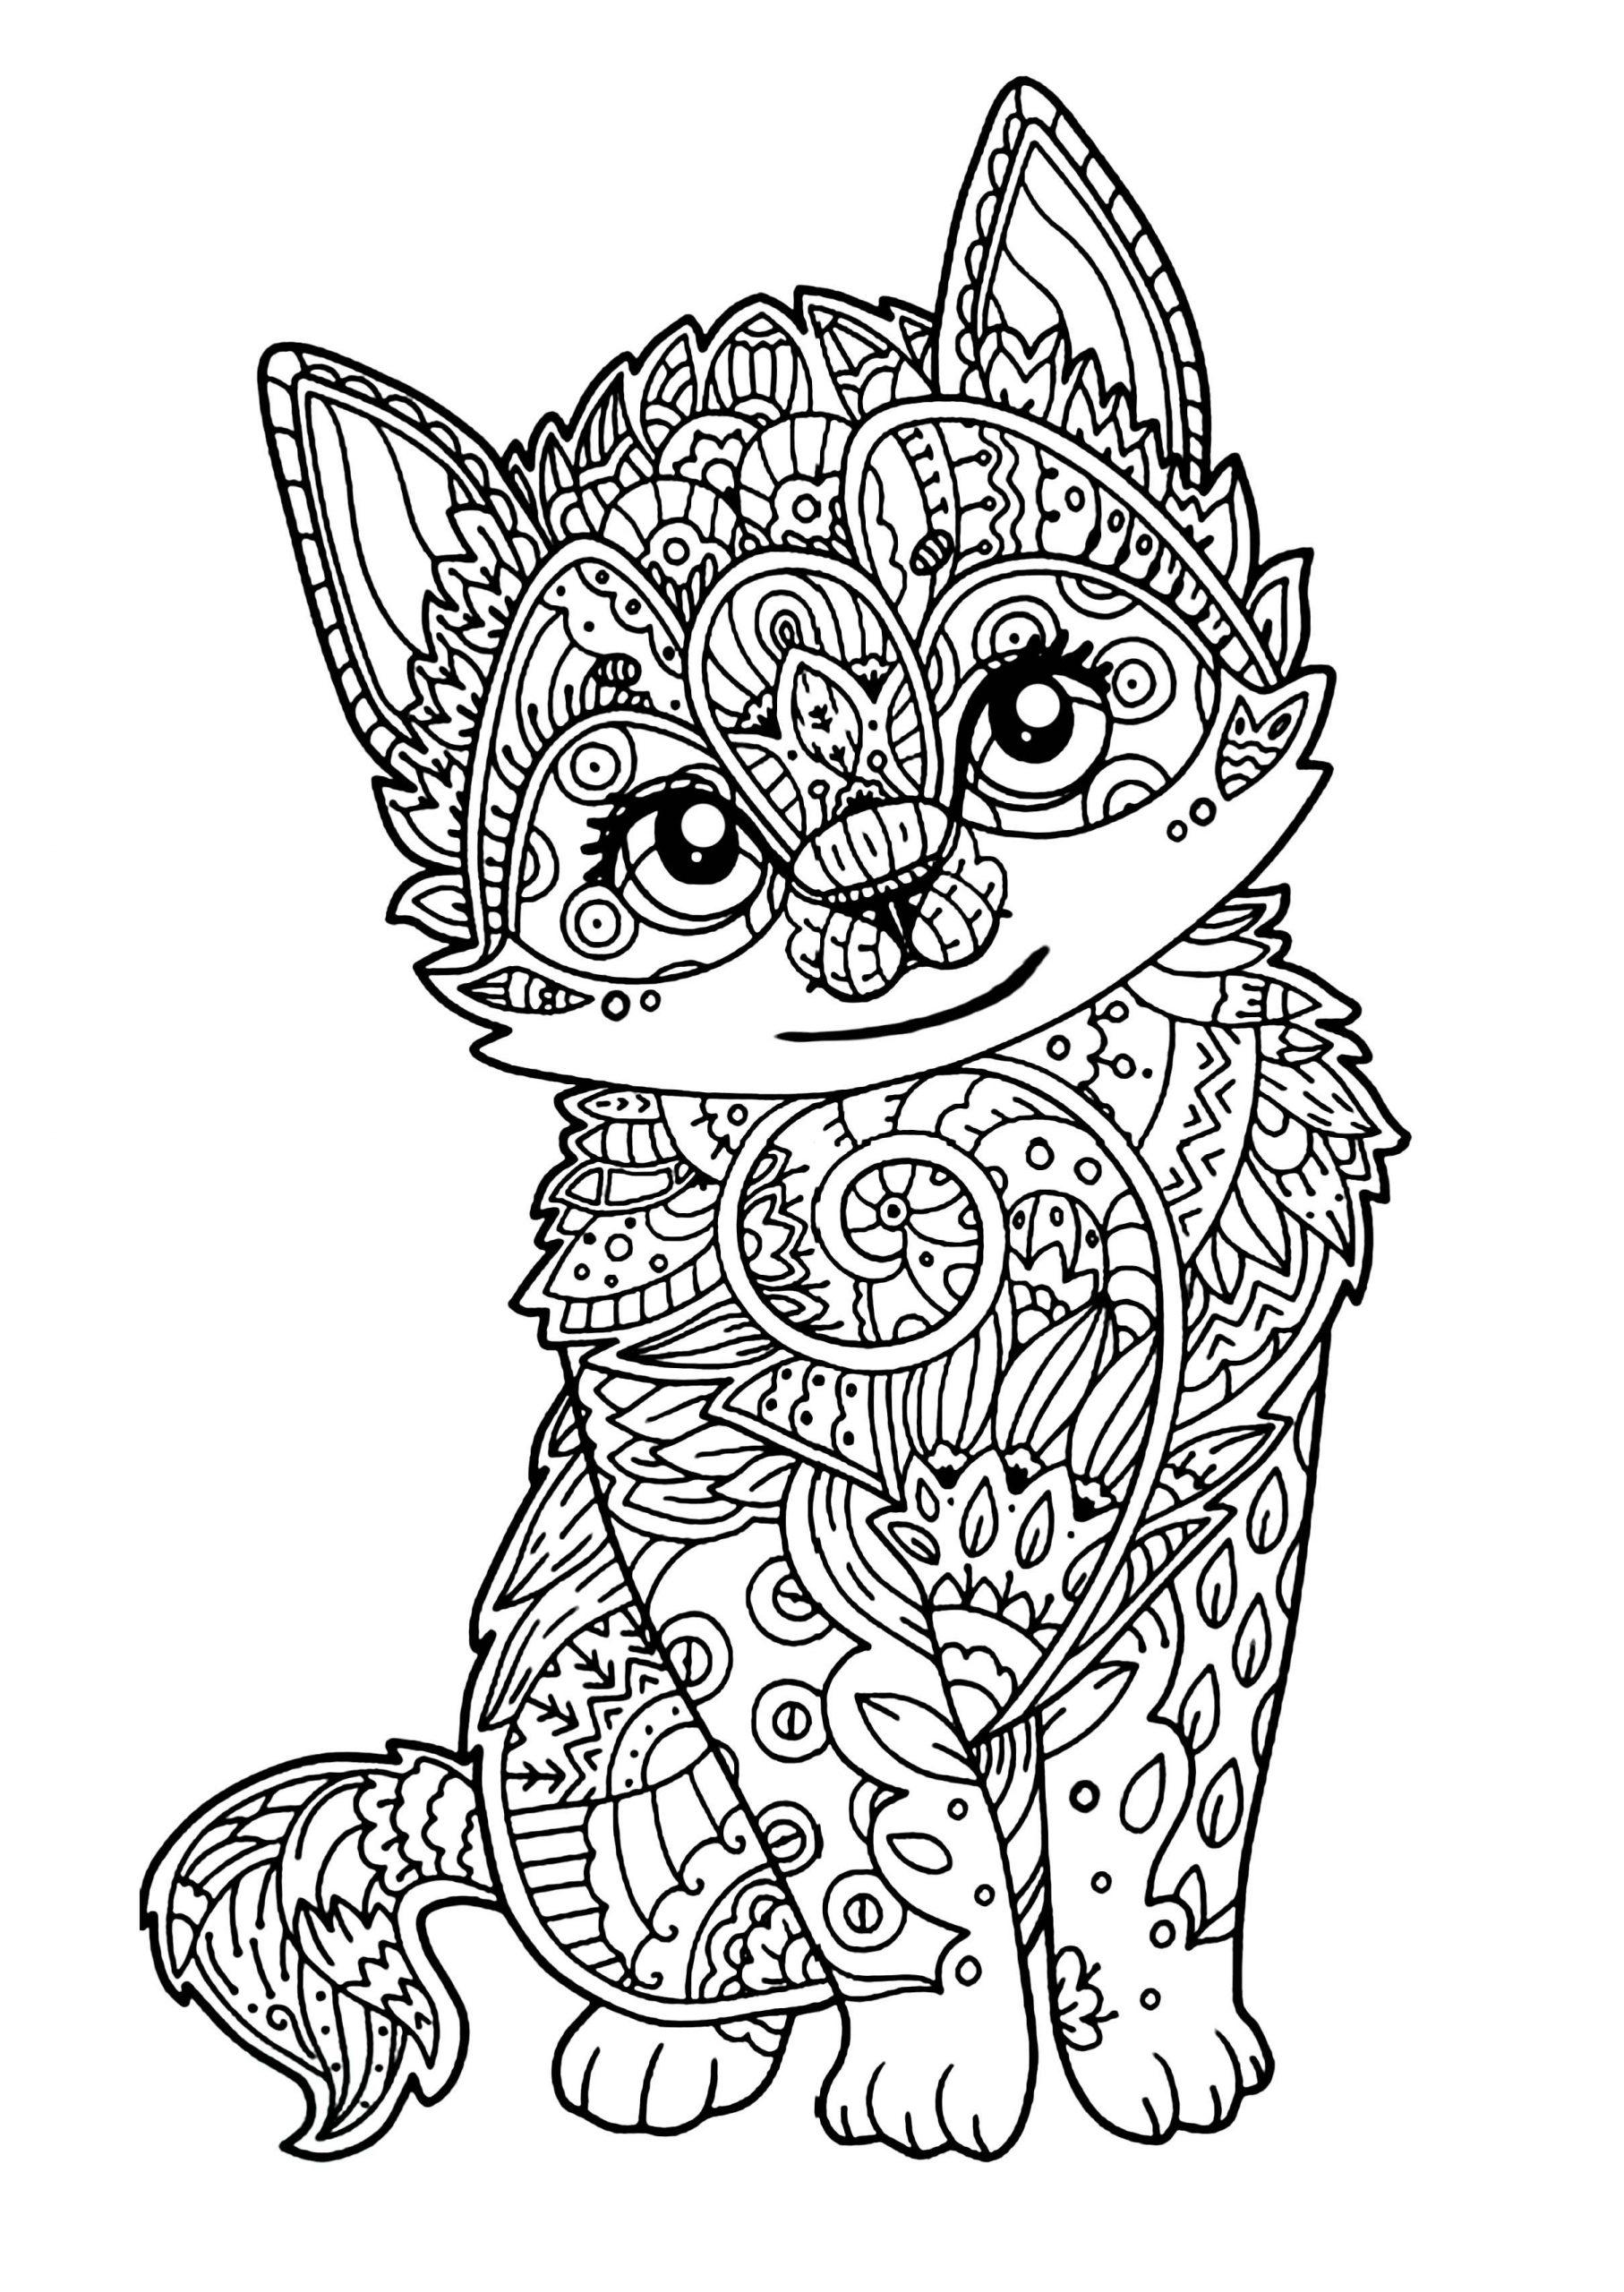 Épinglé Par Holder Sur Mandalas | Coloriage Mandala Animaux à Coloriage De Chat En Ligne